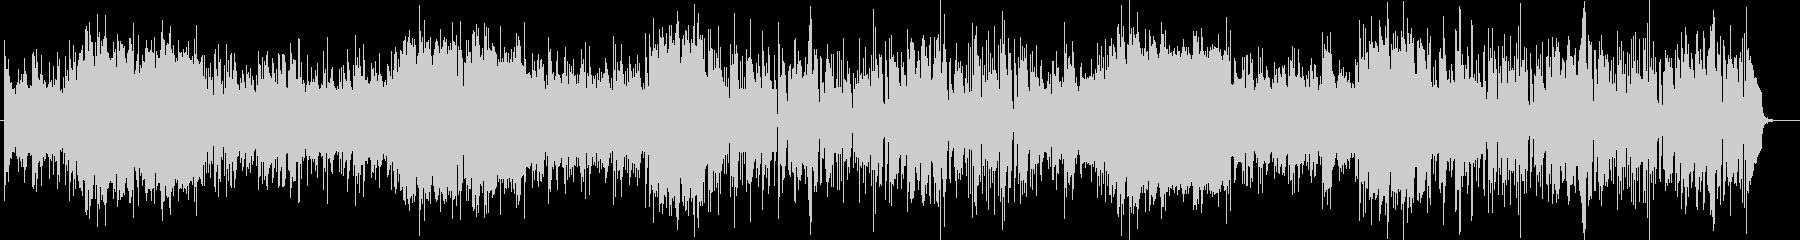 ほのぼの系シンセタンバリンなどサウンドの未再生の波形